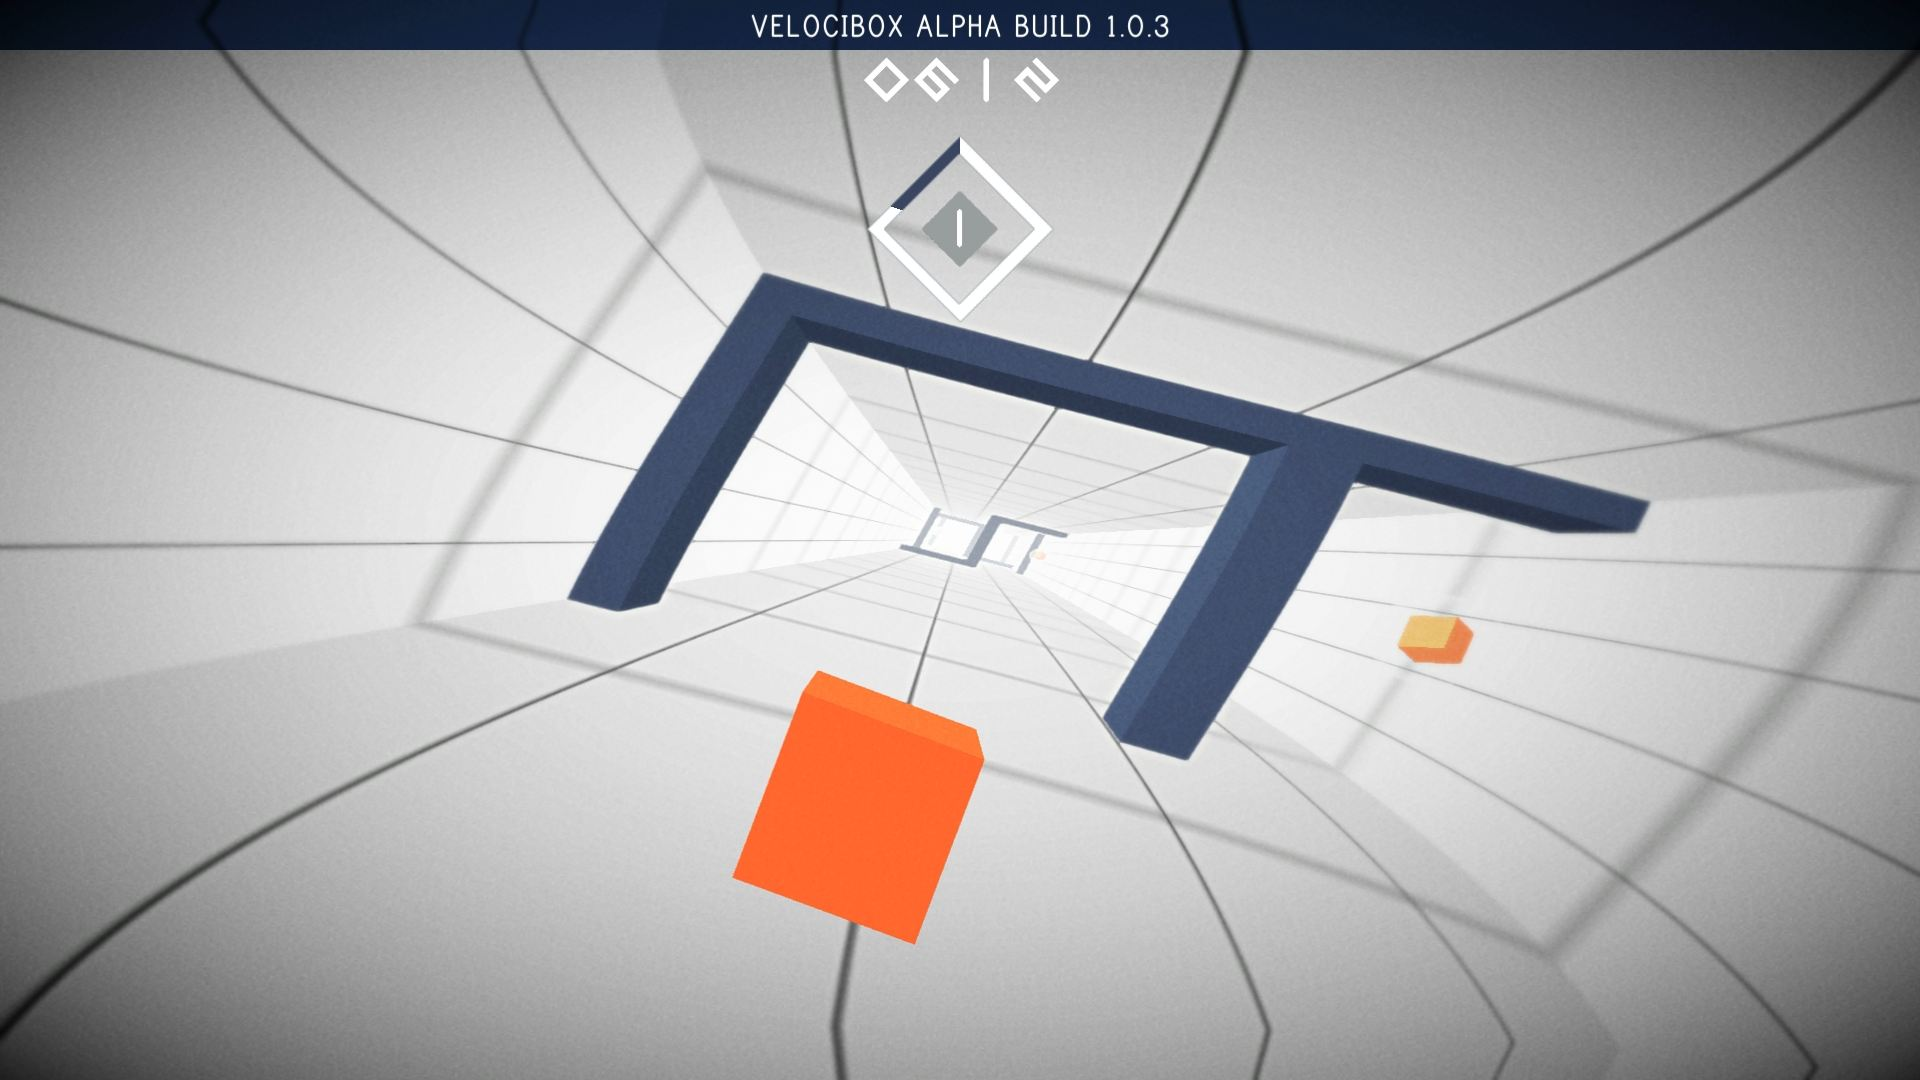 Velocibox alpha 1.0.3